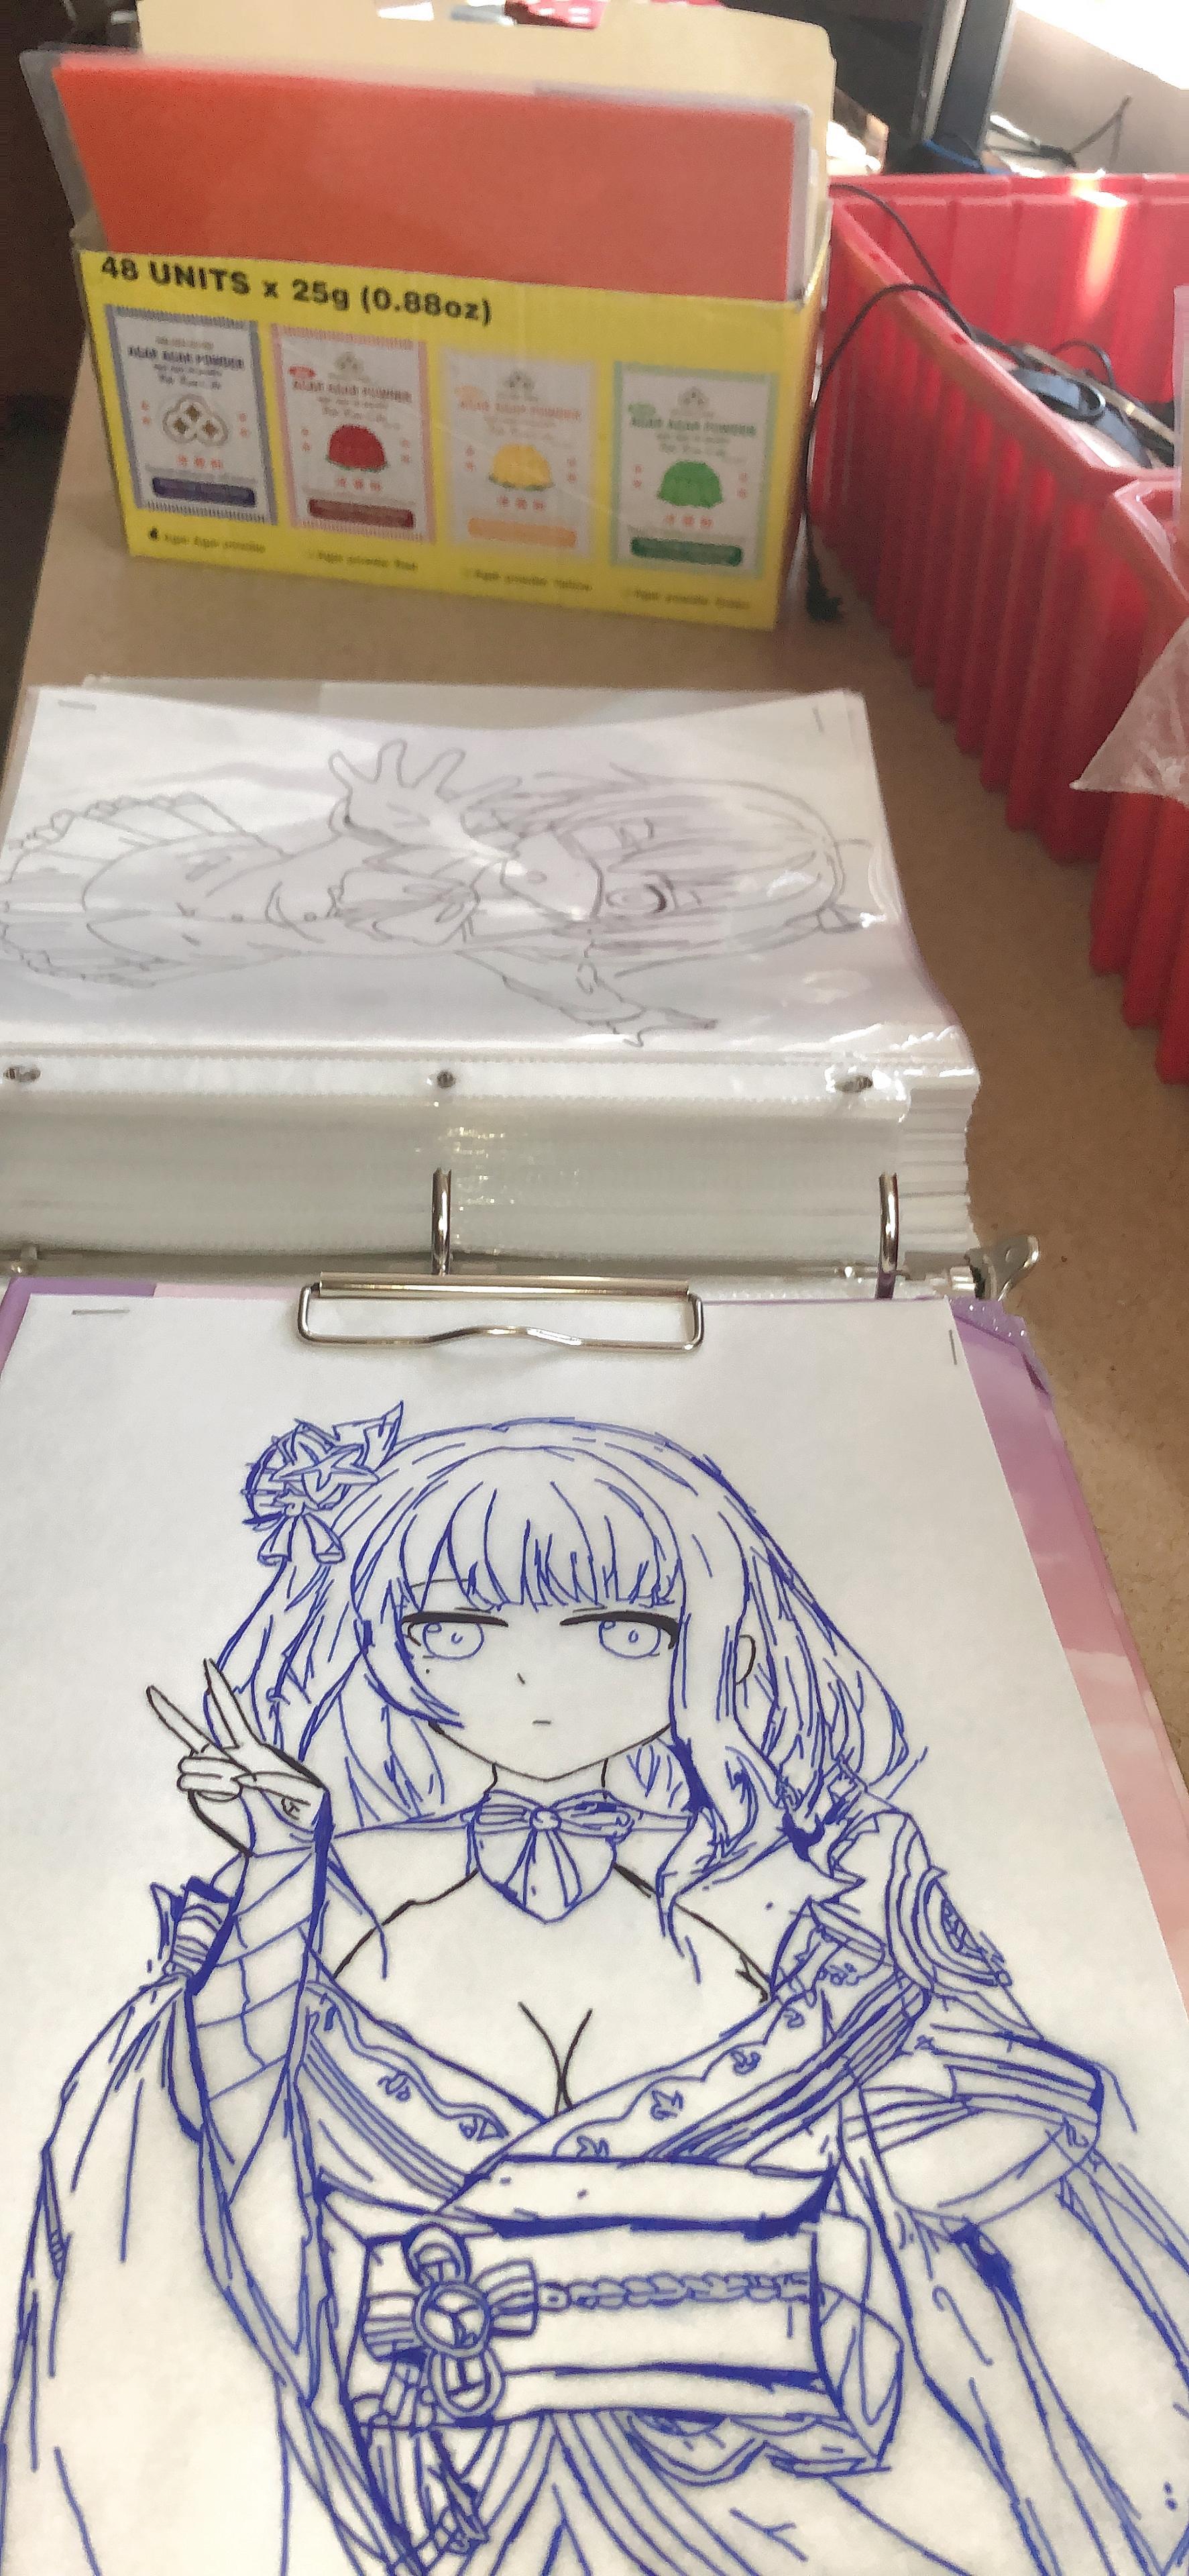 动漫手绘画!!!!!!!!!!!!!!! 15